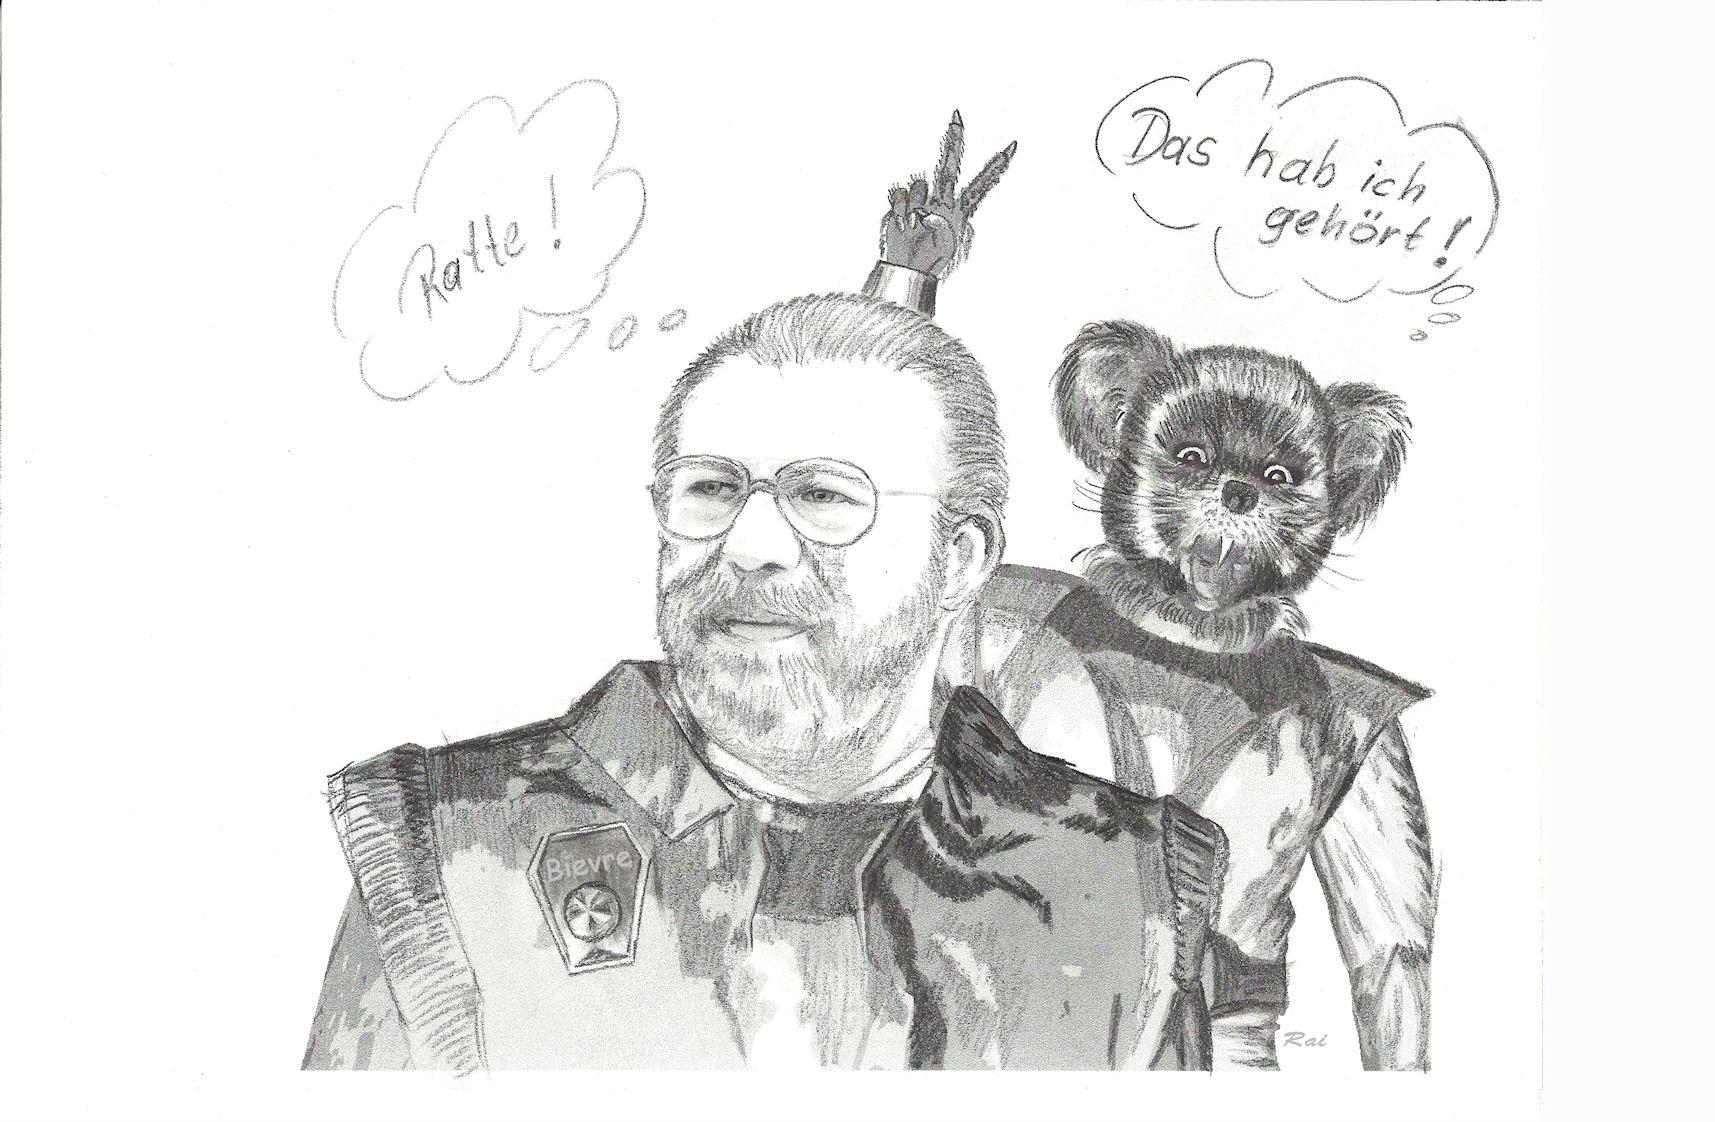 """Gemütlich, rundlich mit zerschlissener Uniform und altmodischer Brille.  Der Wissenschafter kümmert sich nicht um Konventionen, ist aber aufgrund seines Fachwissens im Bereich sechsdimensionaler Phänomene von großem Nutzen. Mit dem aus seiner Sicht vorlauten Mausbiber steht er auf Kriegsfuß und bezeichnet ihn wenig schmeichelhaft als """"Ratte"""".  (C) Raimund Peter"""